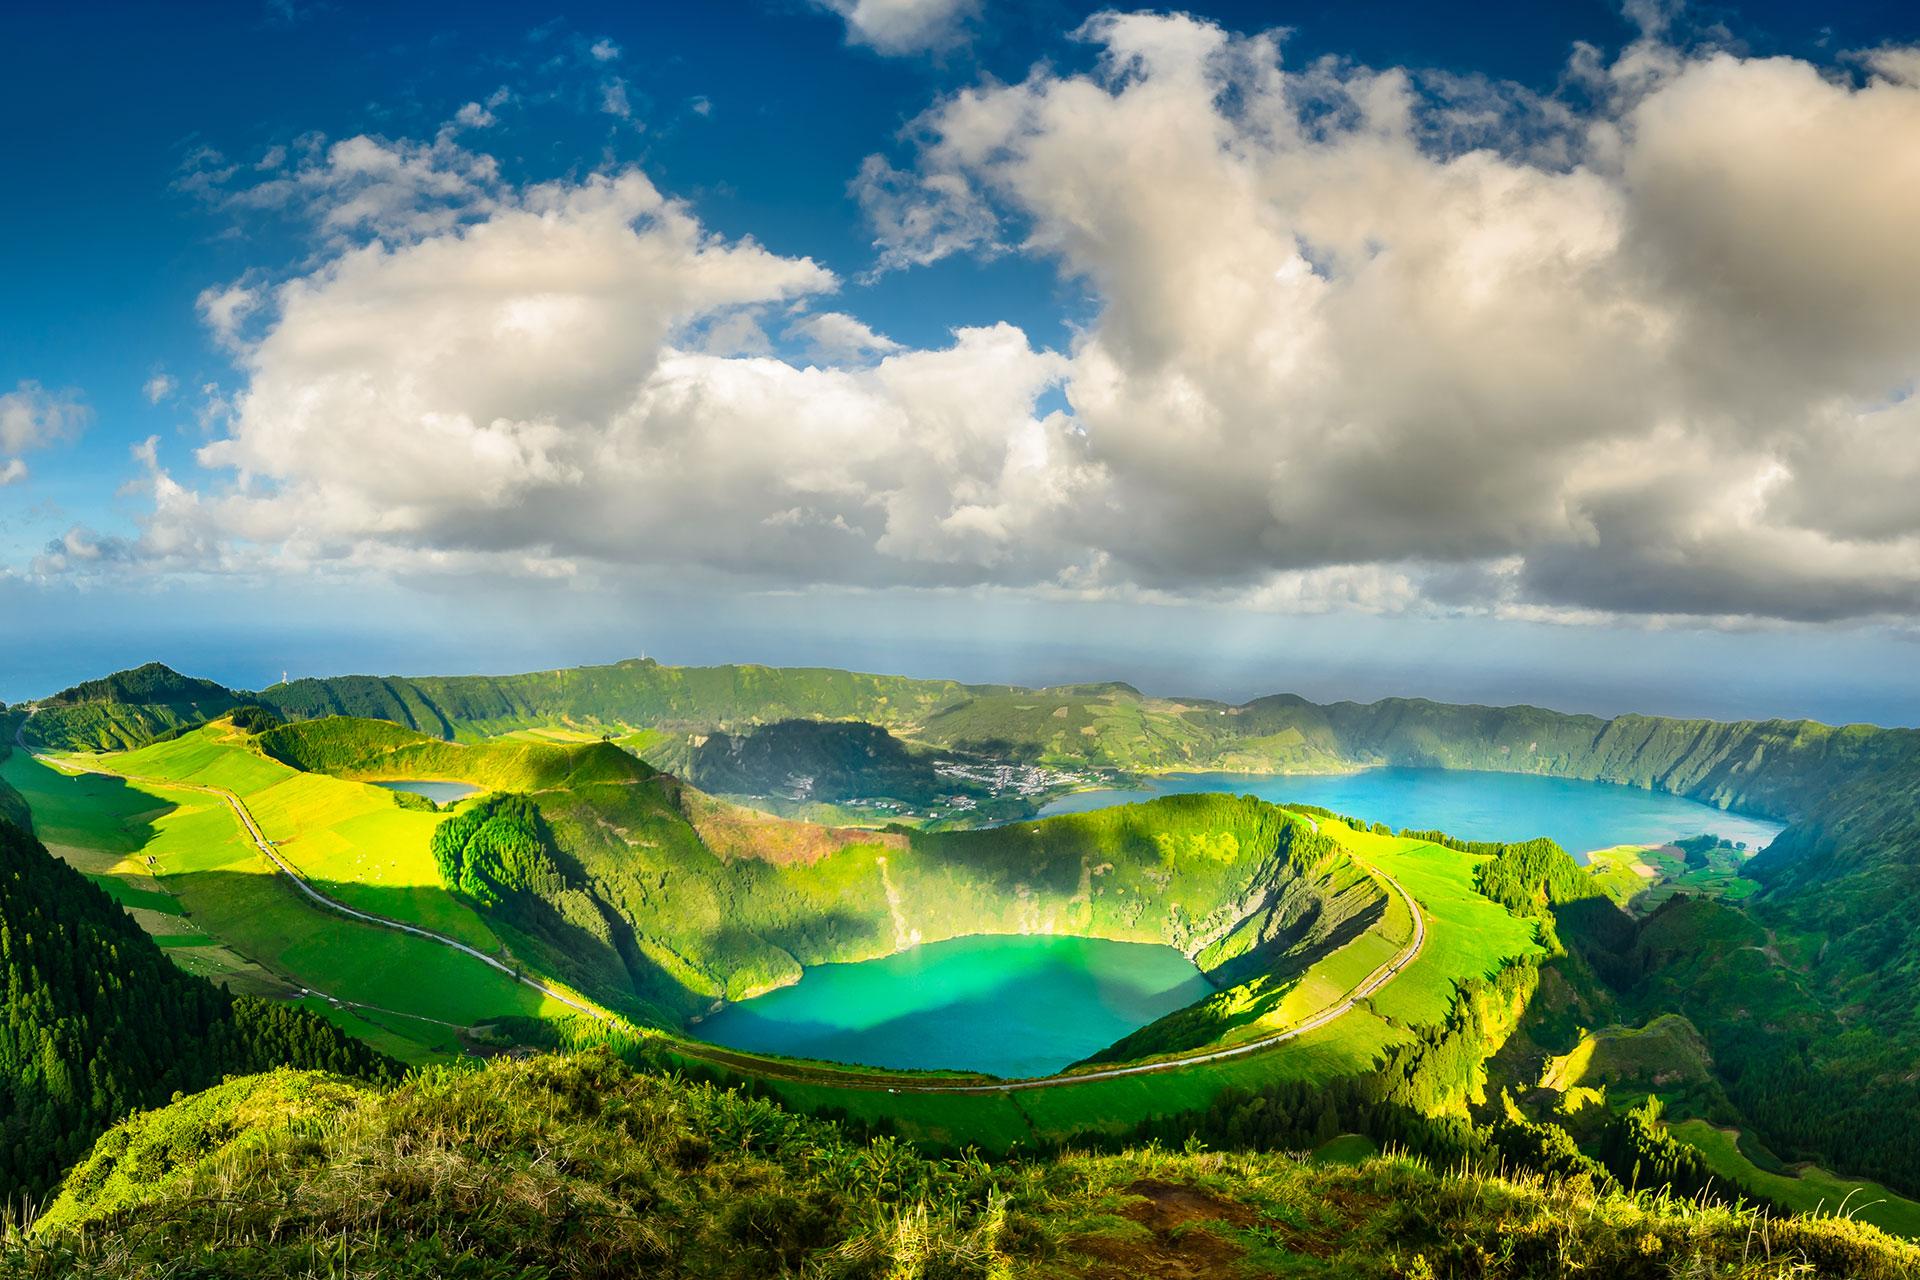 Azores; Courtesy of Dov Fuchs/Shutterstock.com